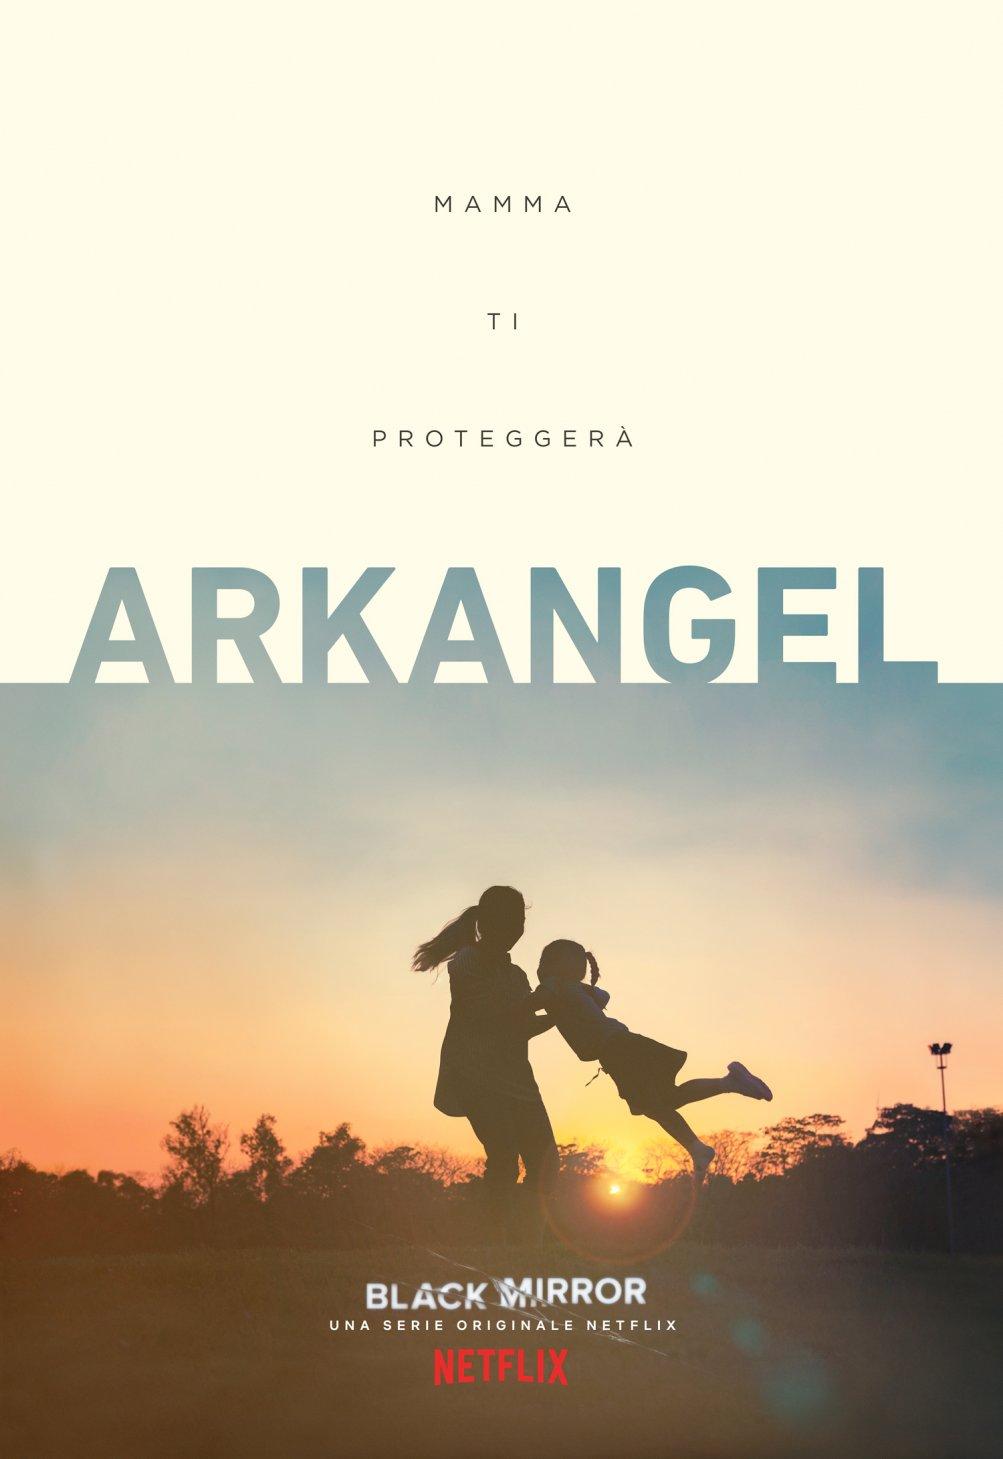 Black Mirror: il poster per l'episodio Arkangel